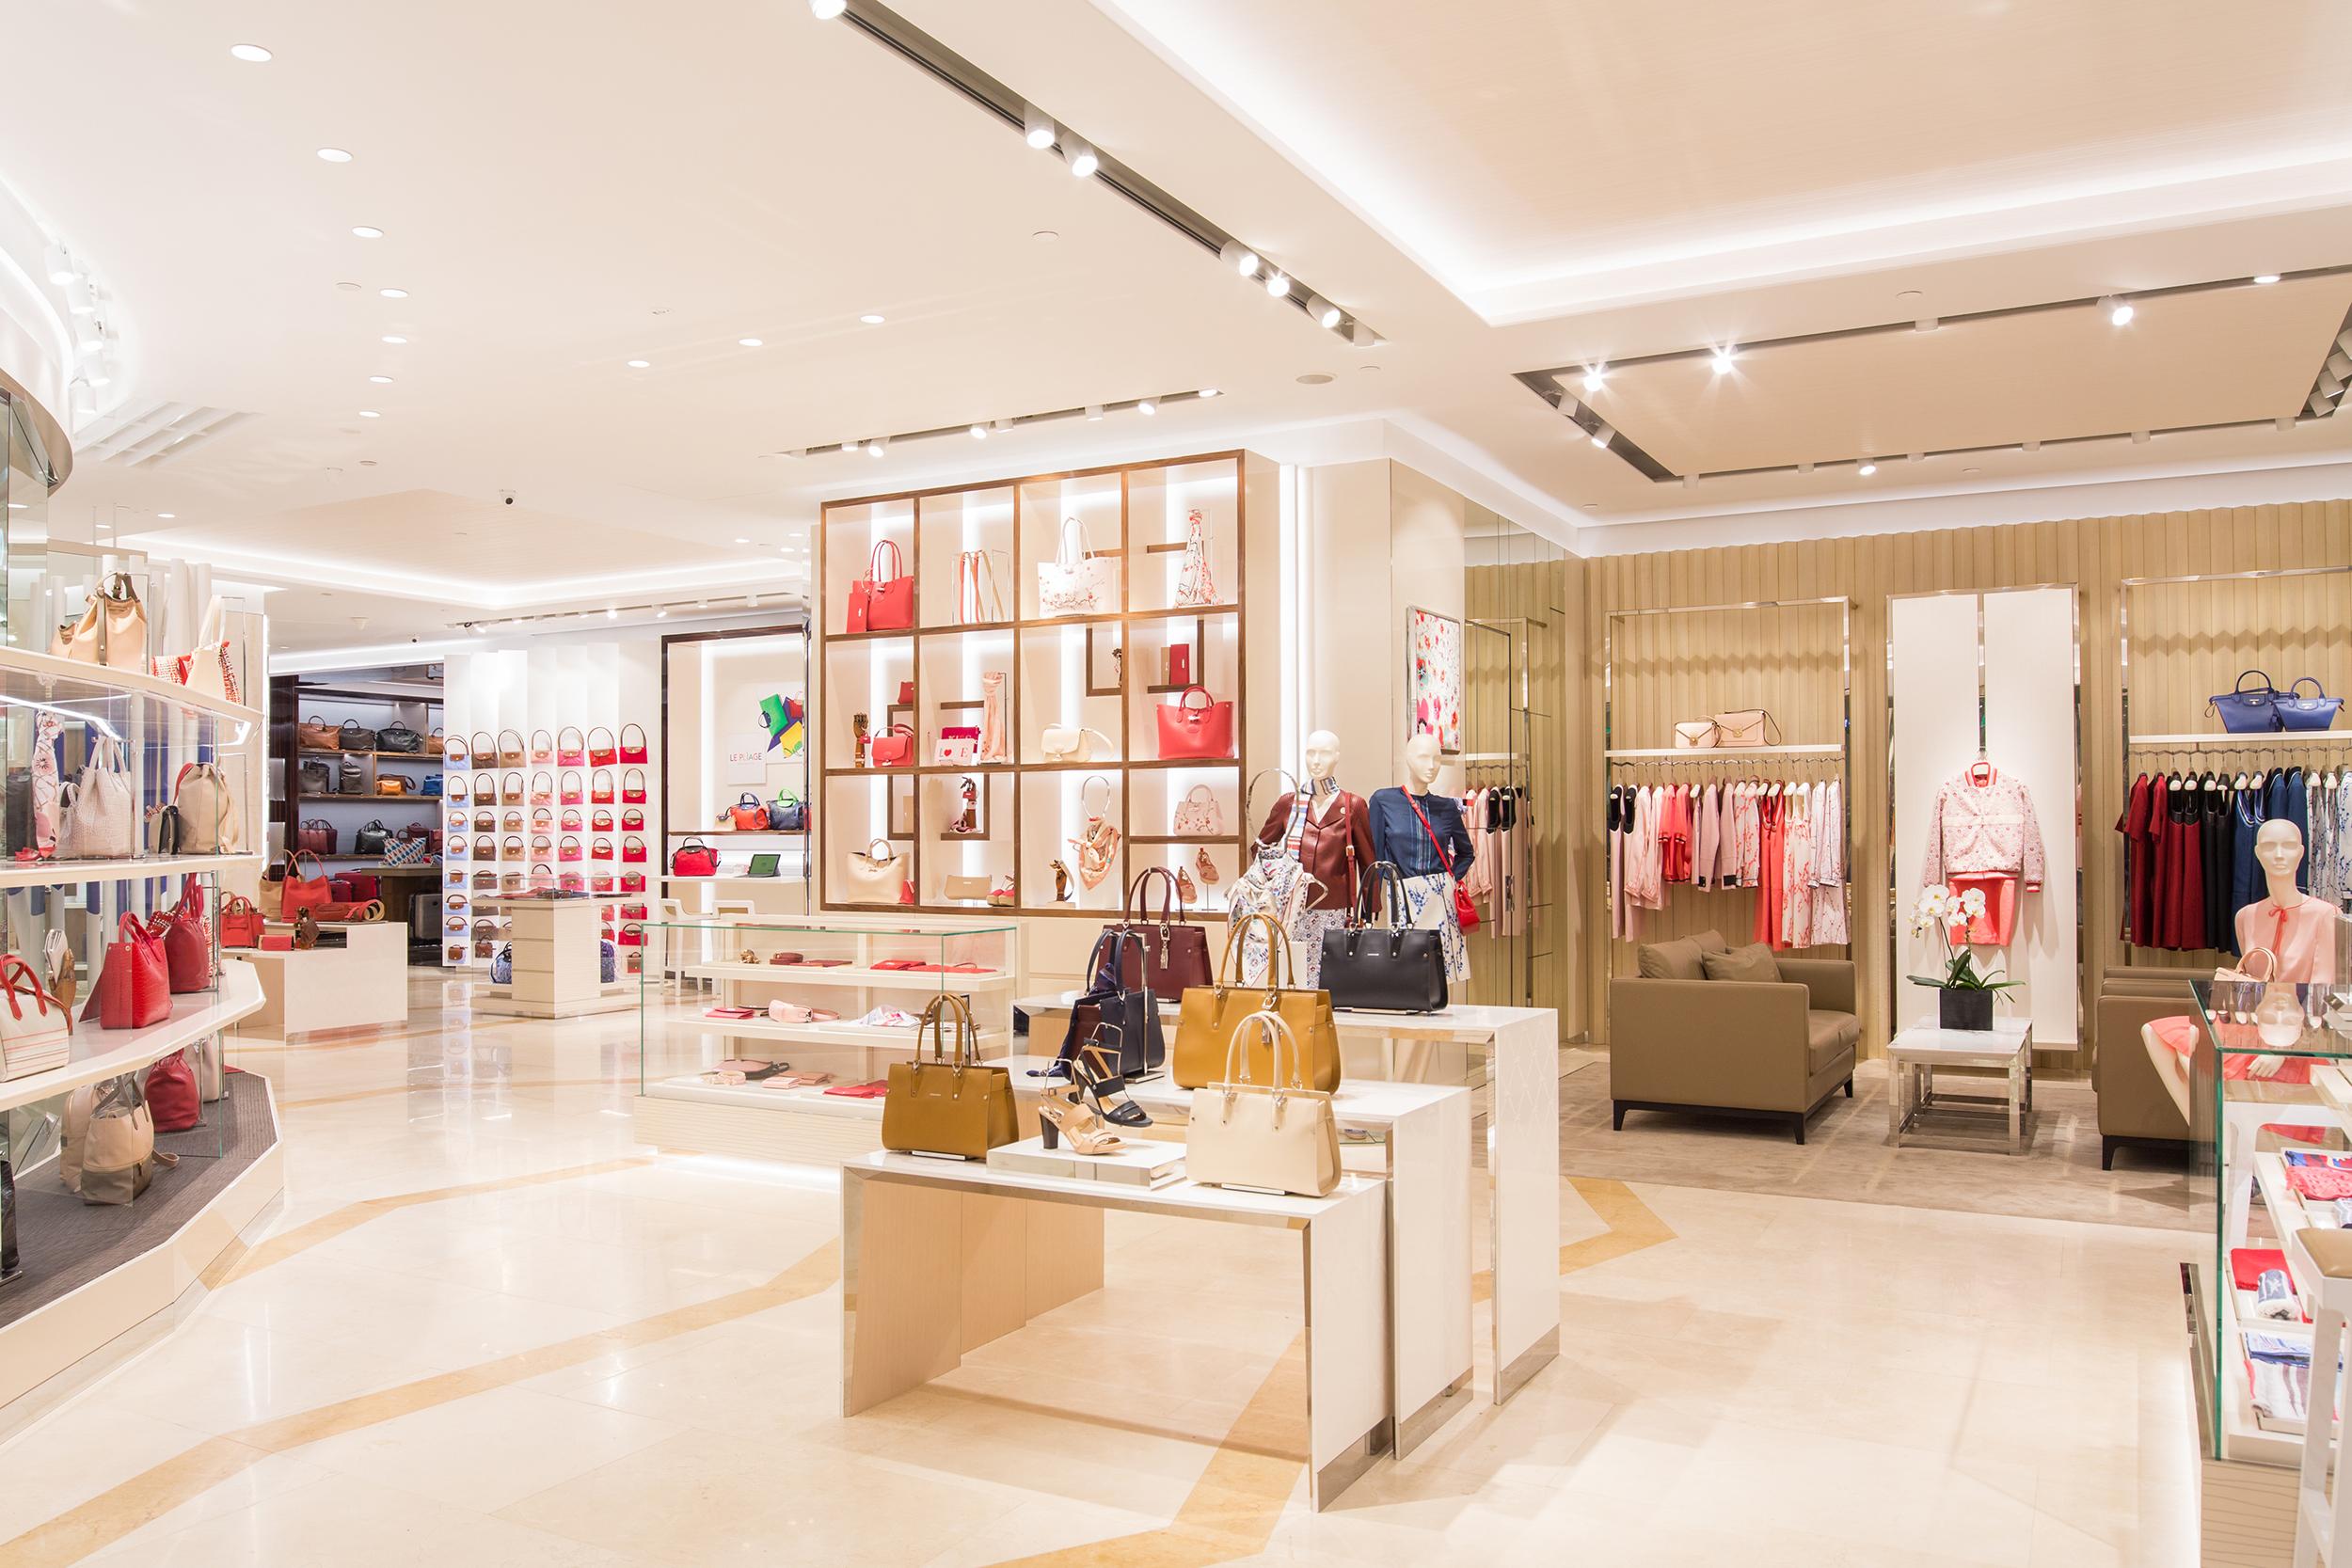 4fdff7de18e Store explore: Longchamp opens its biggest boutique in Southeast Asia